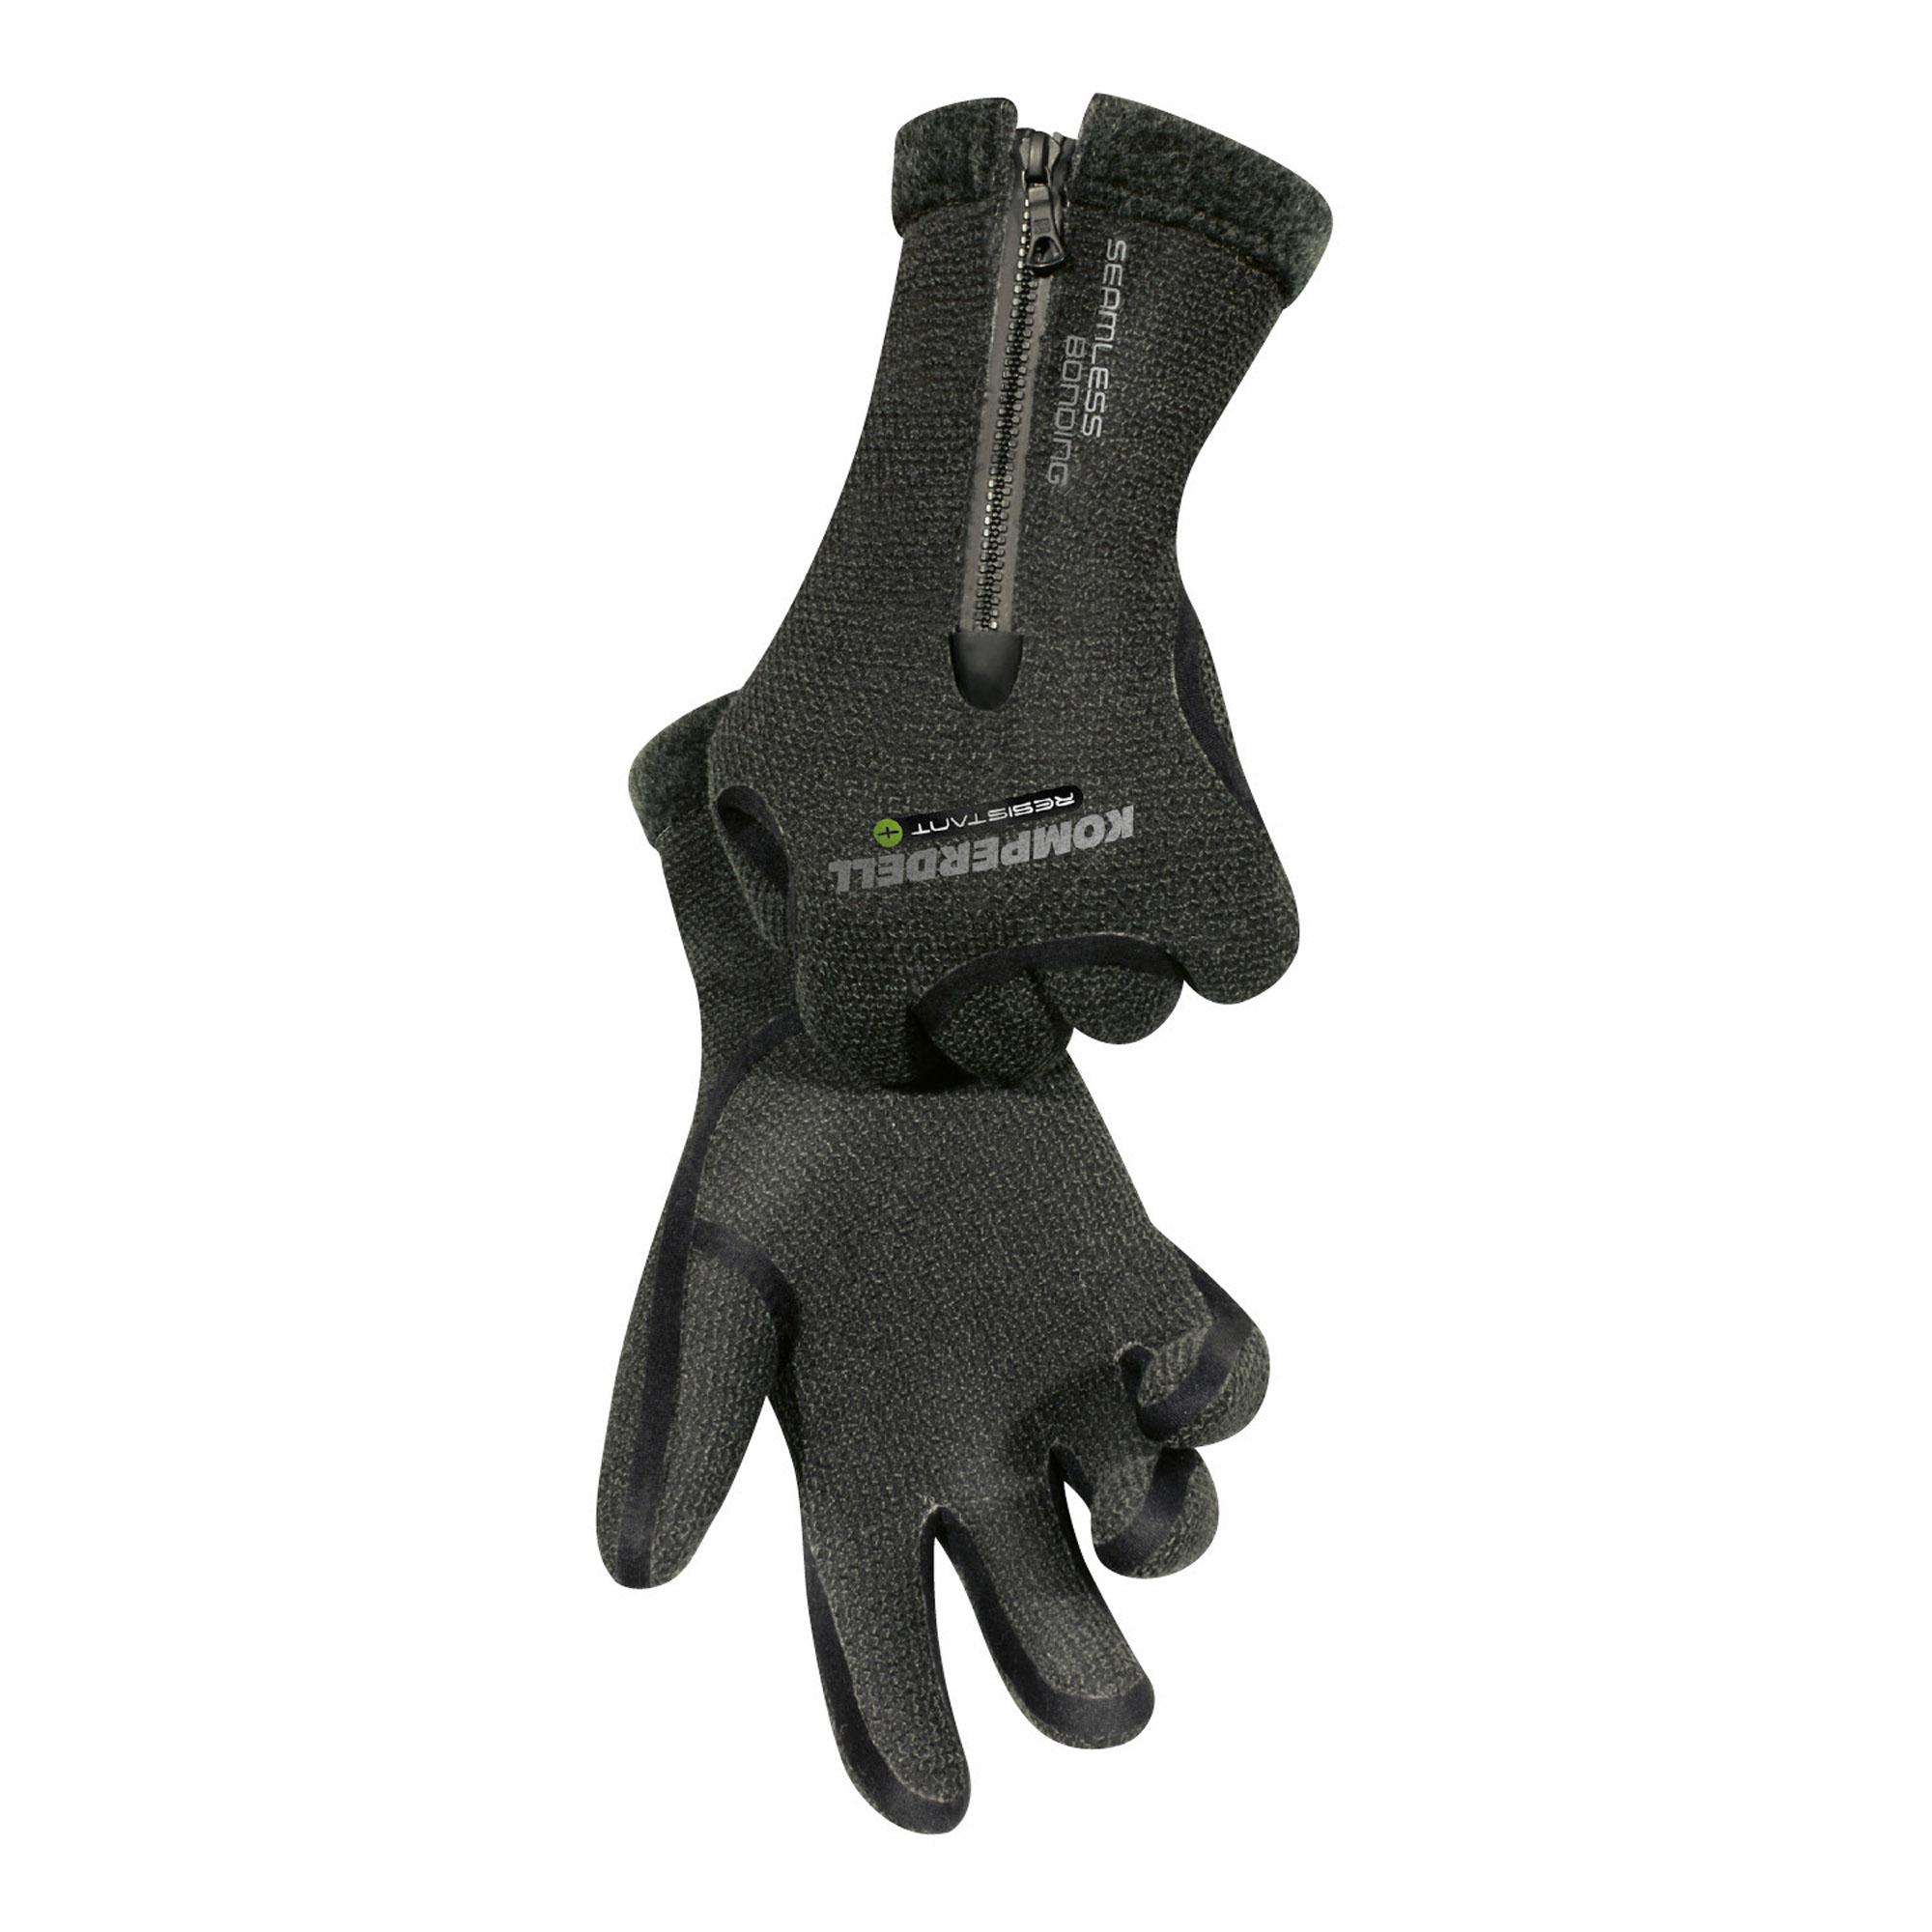 Komperdell Resistant Pro Handschuh